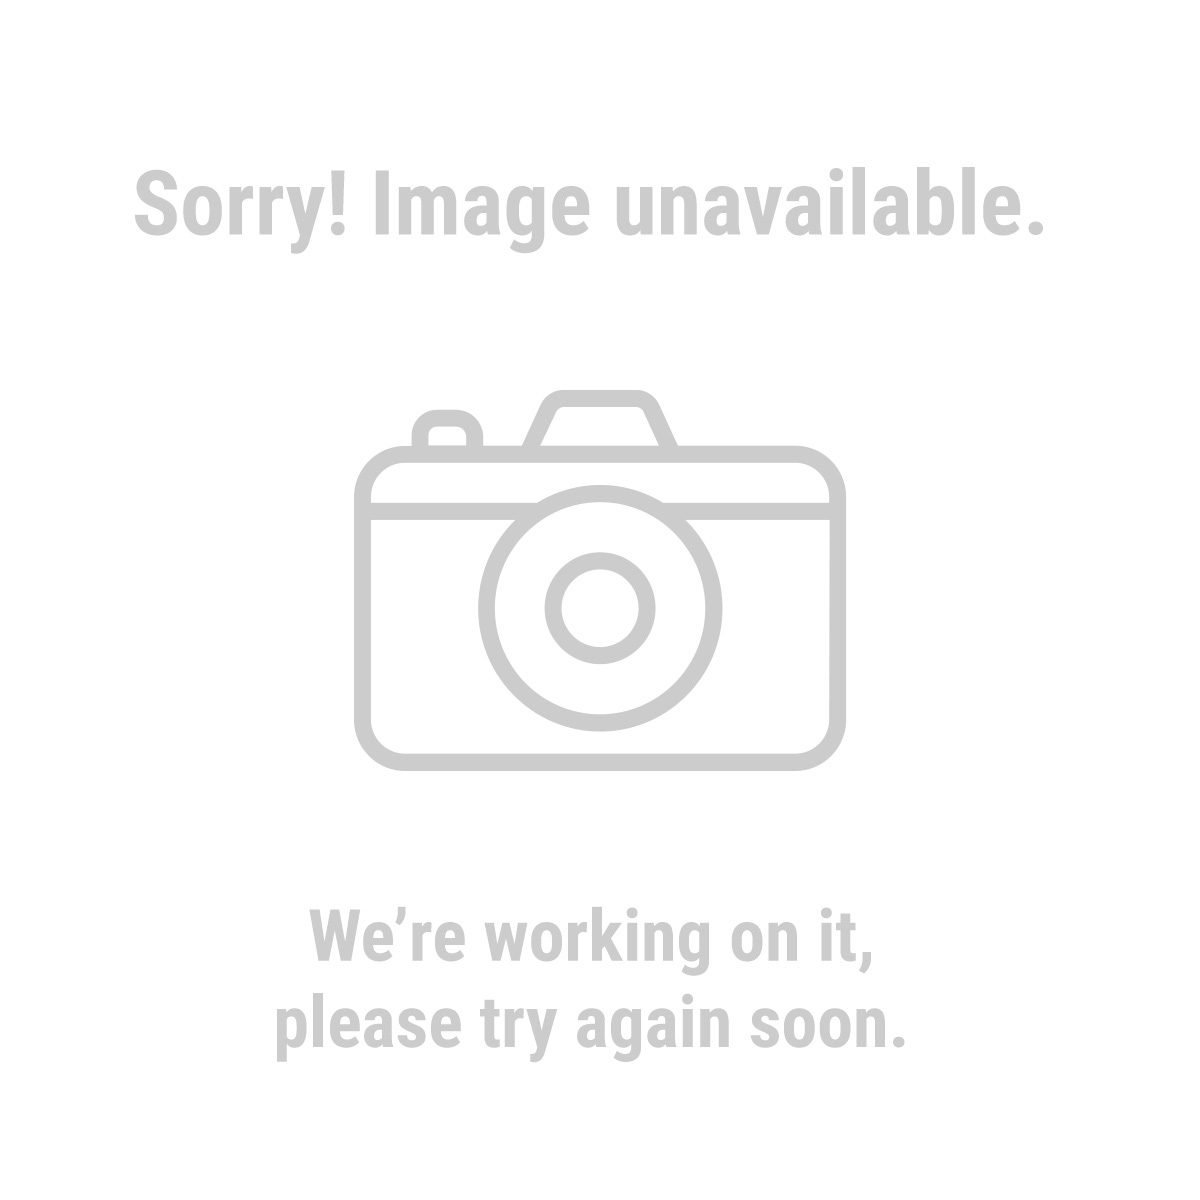 60570 Bigfoot Panel Wagon